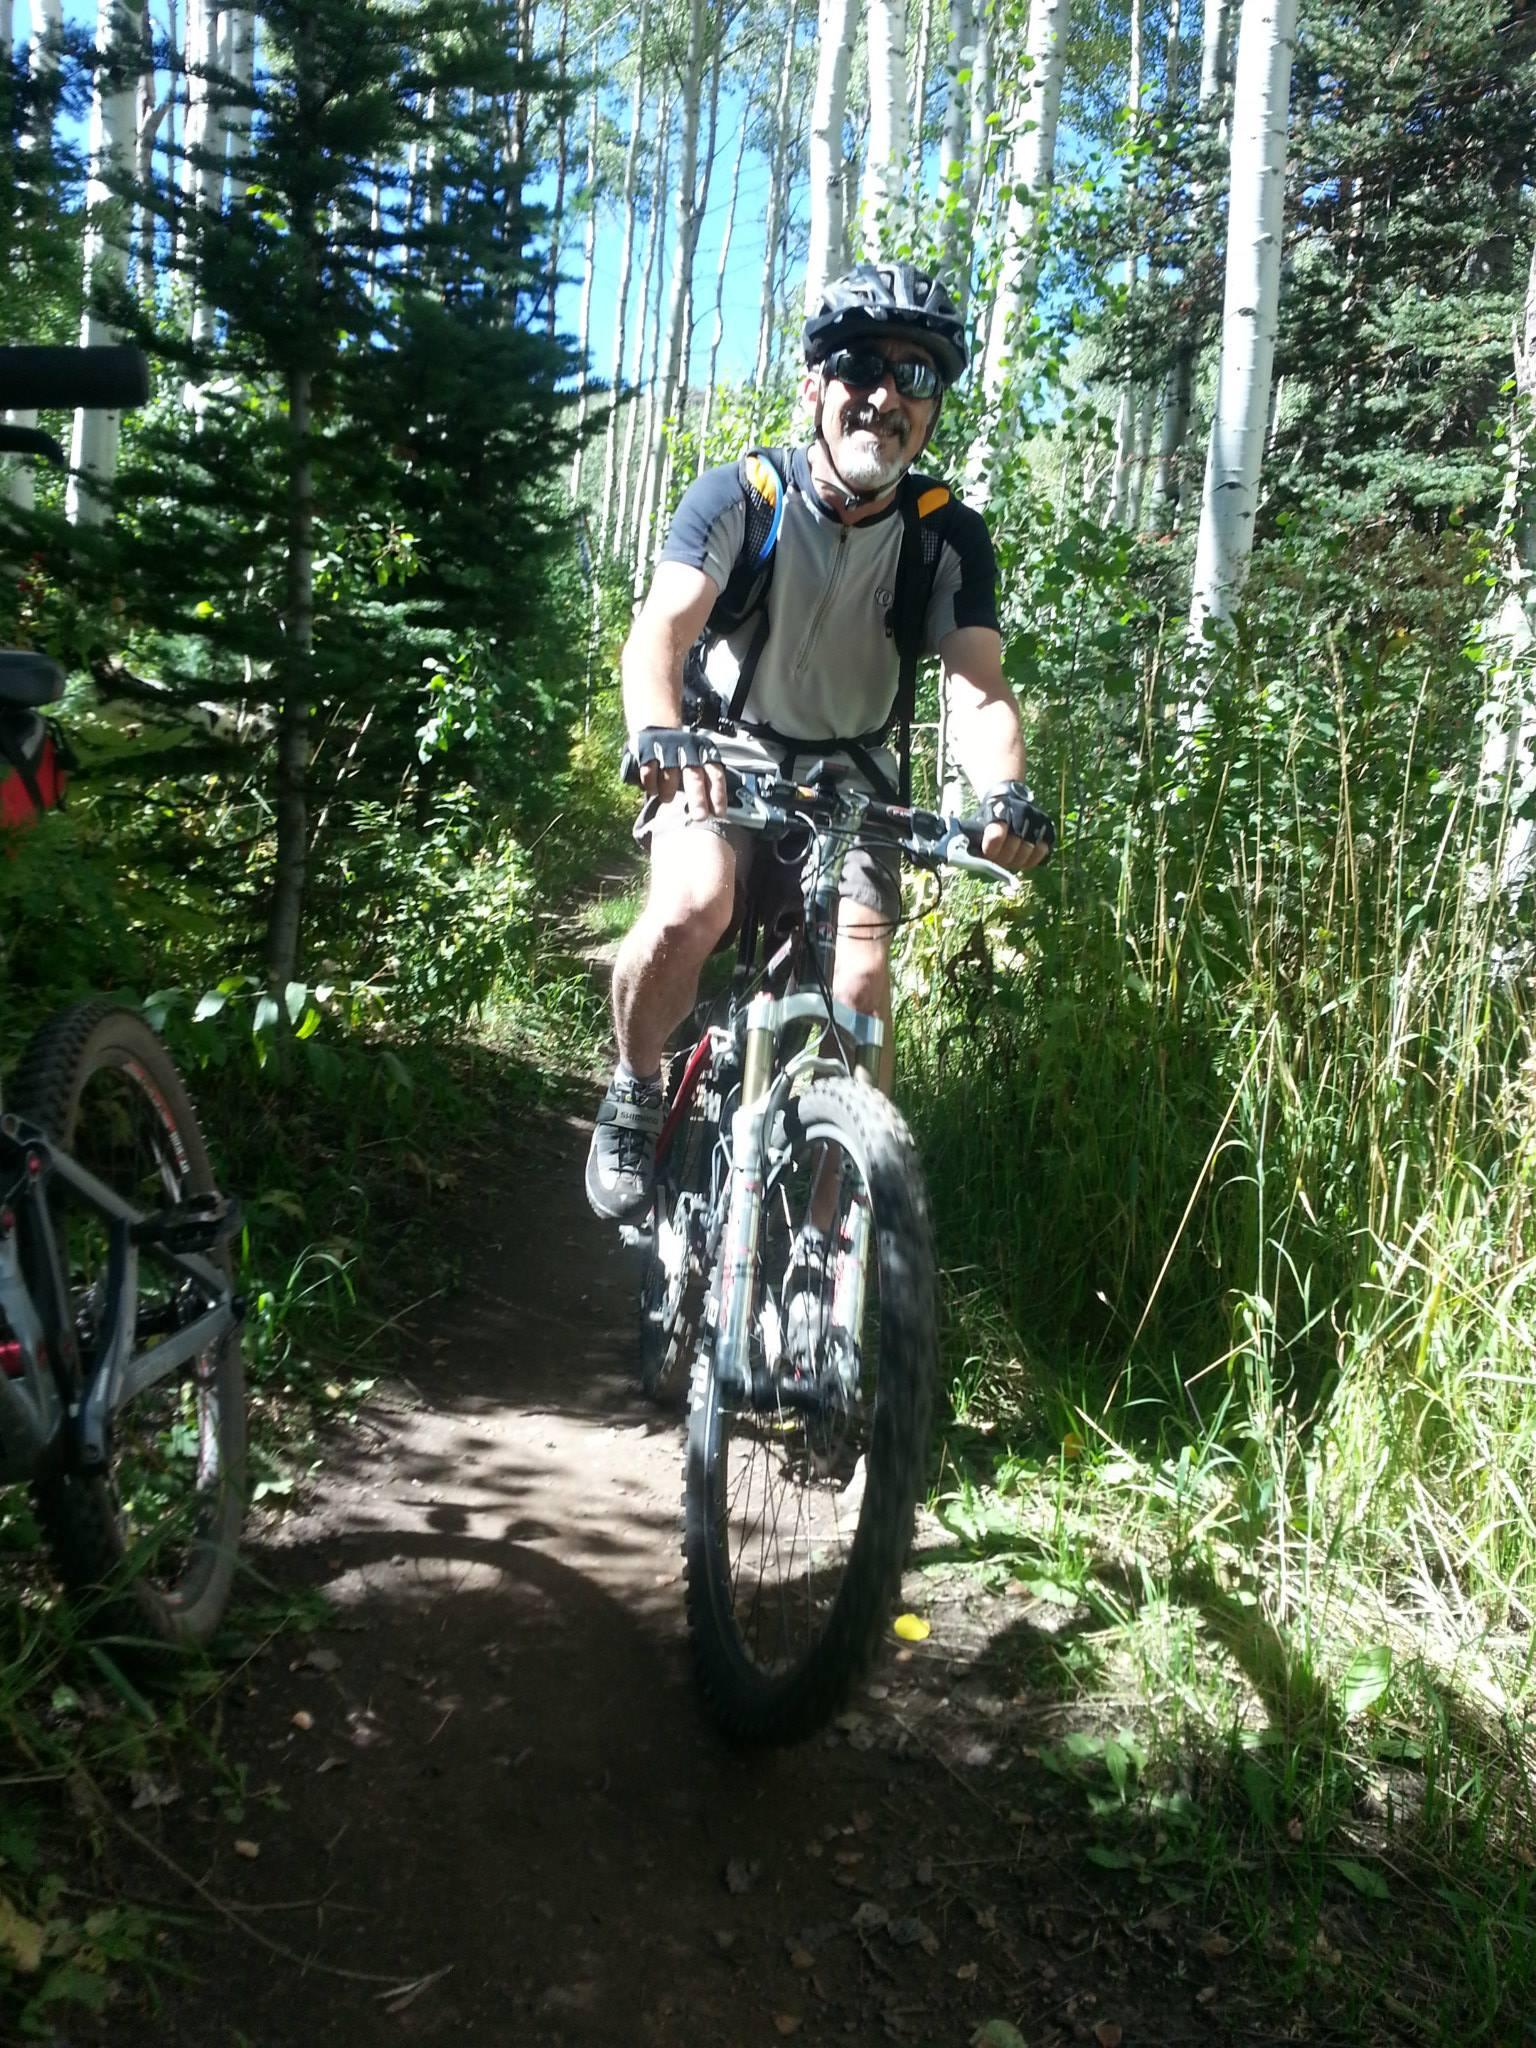 Mountain Biking at Deer Valley in Park City, Utah